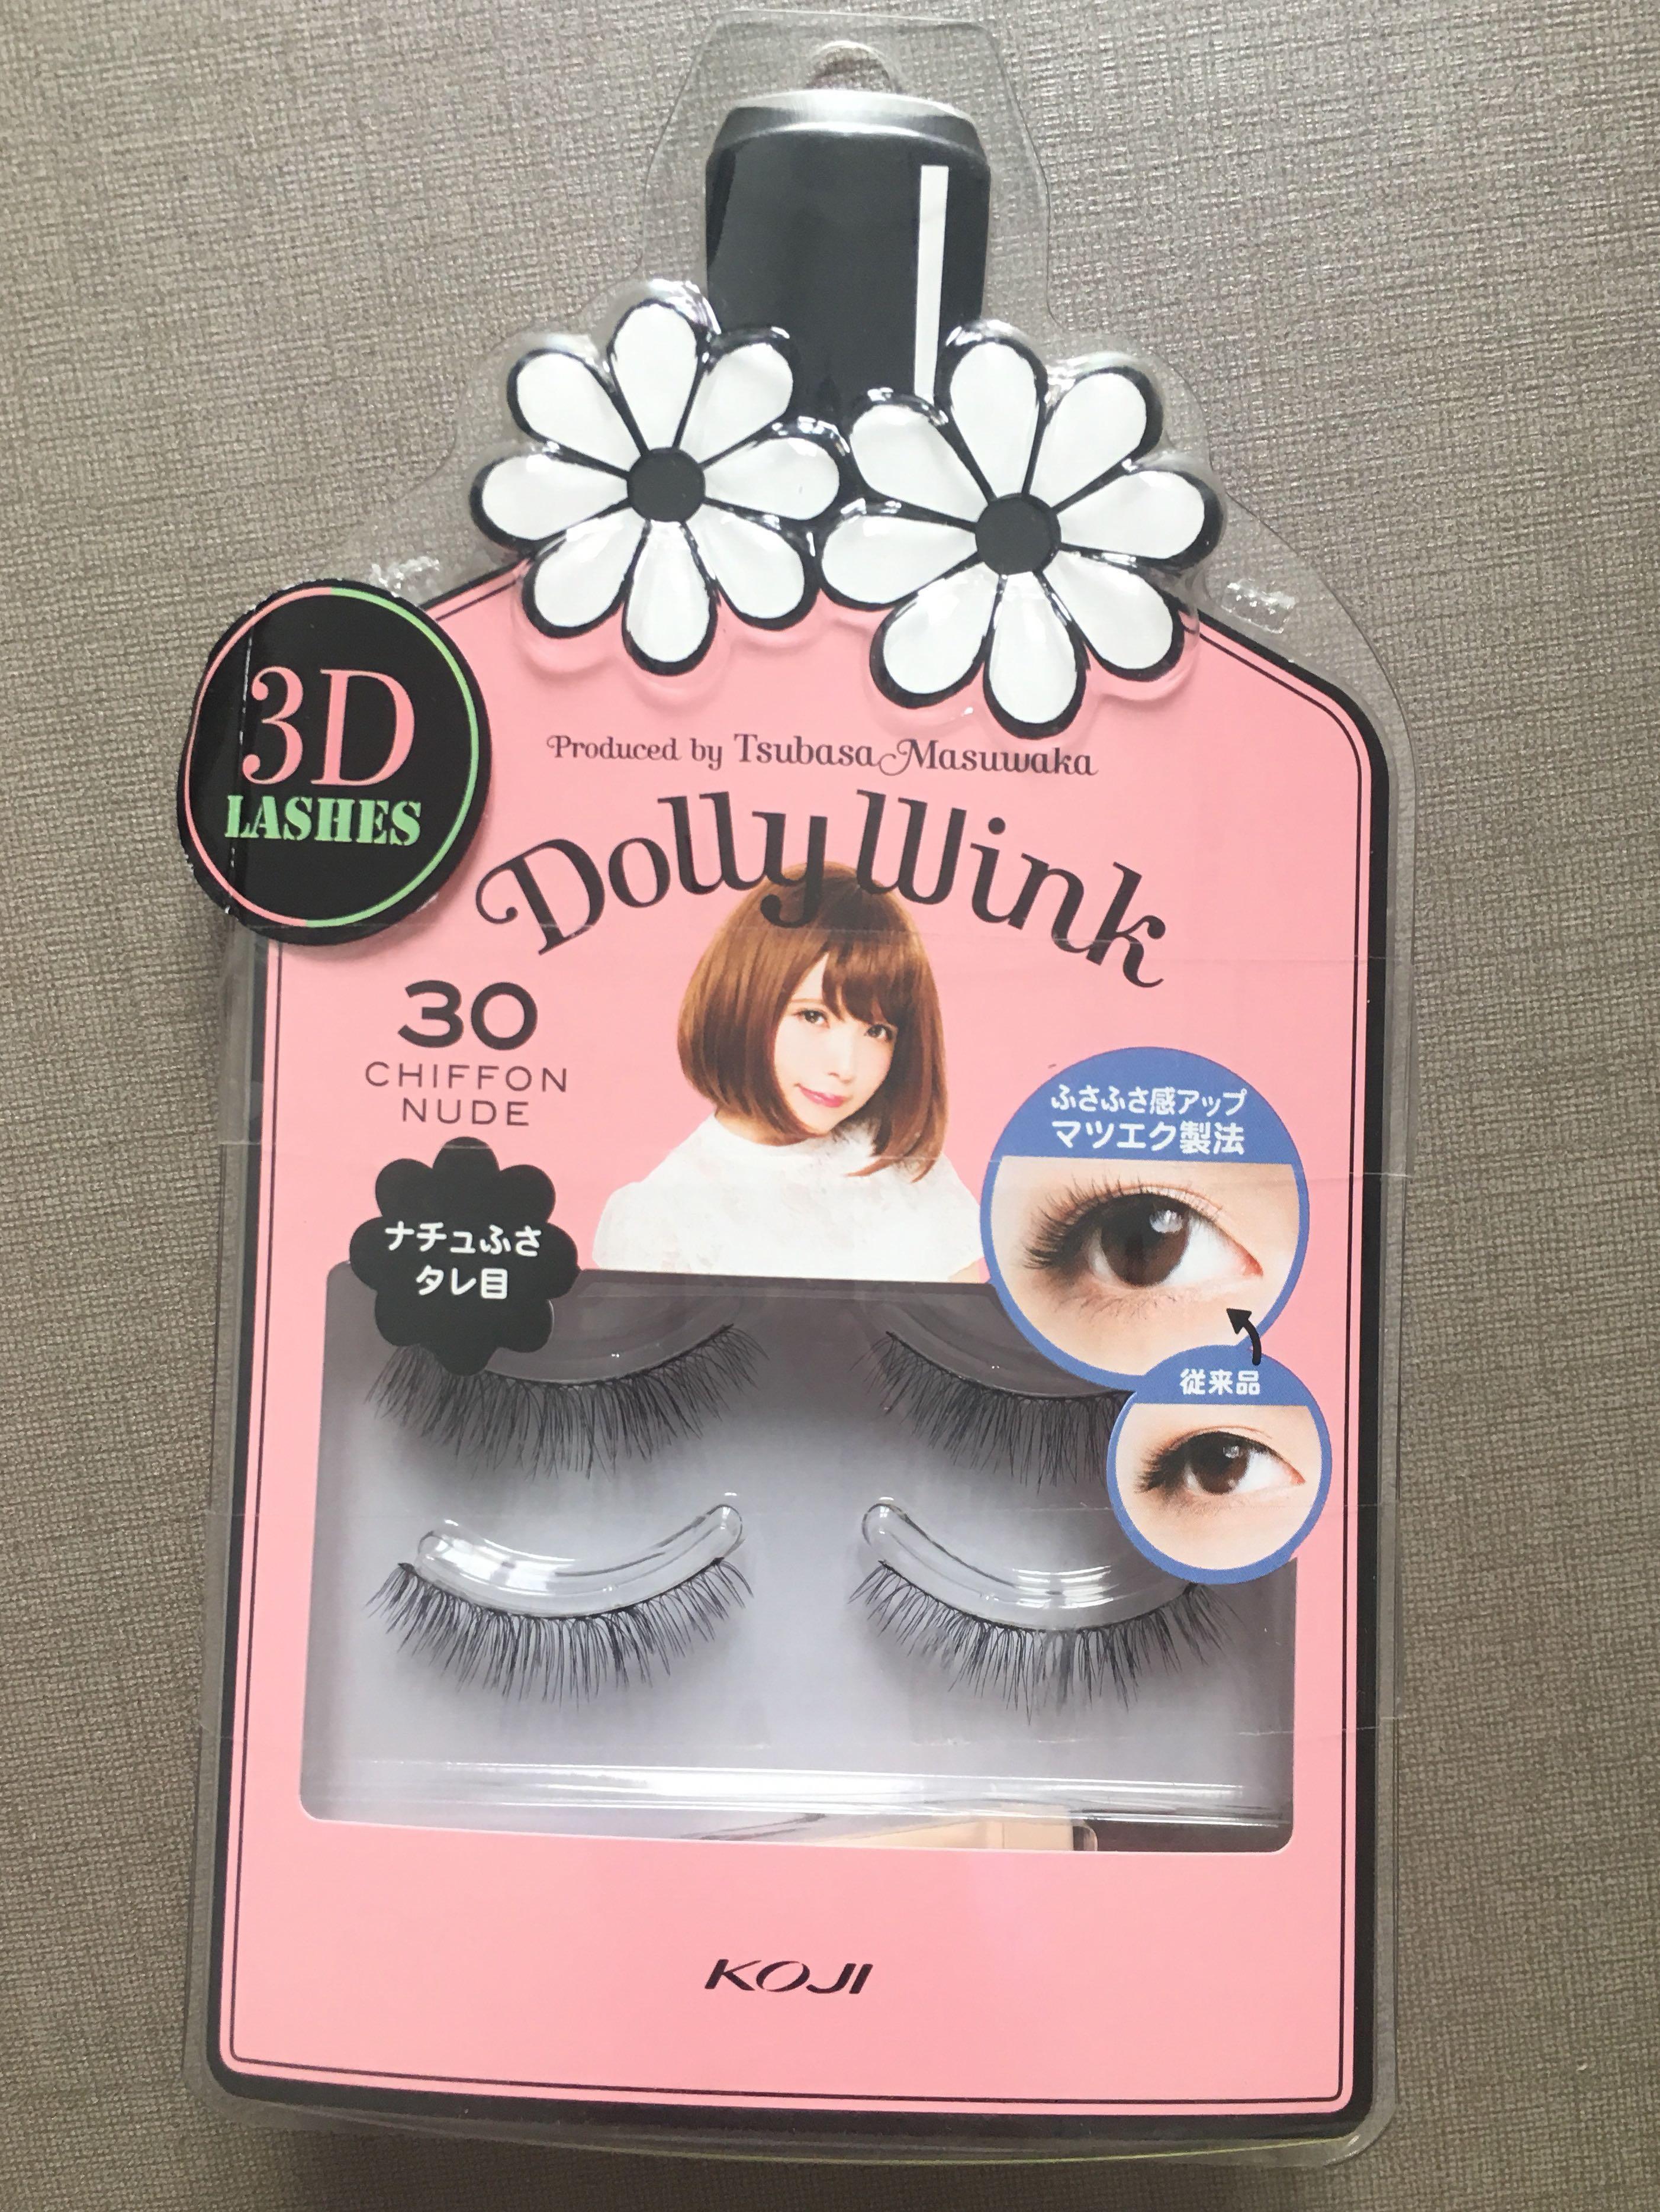 08597b85345 DOLLY WINK 3D LASHES KOJI fake eyelash natural eyelash, Health ...